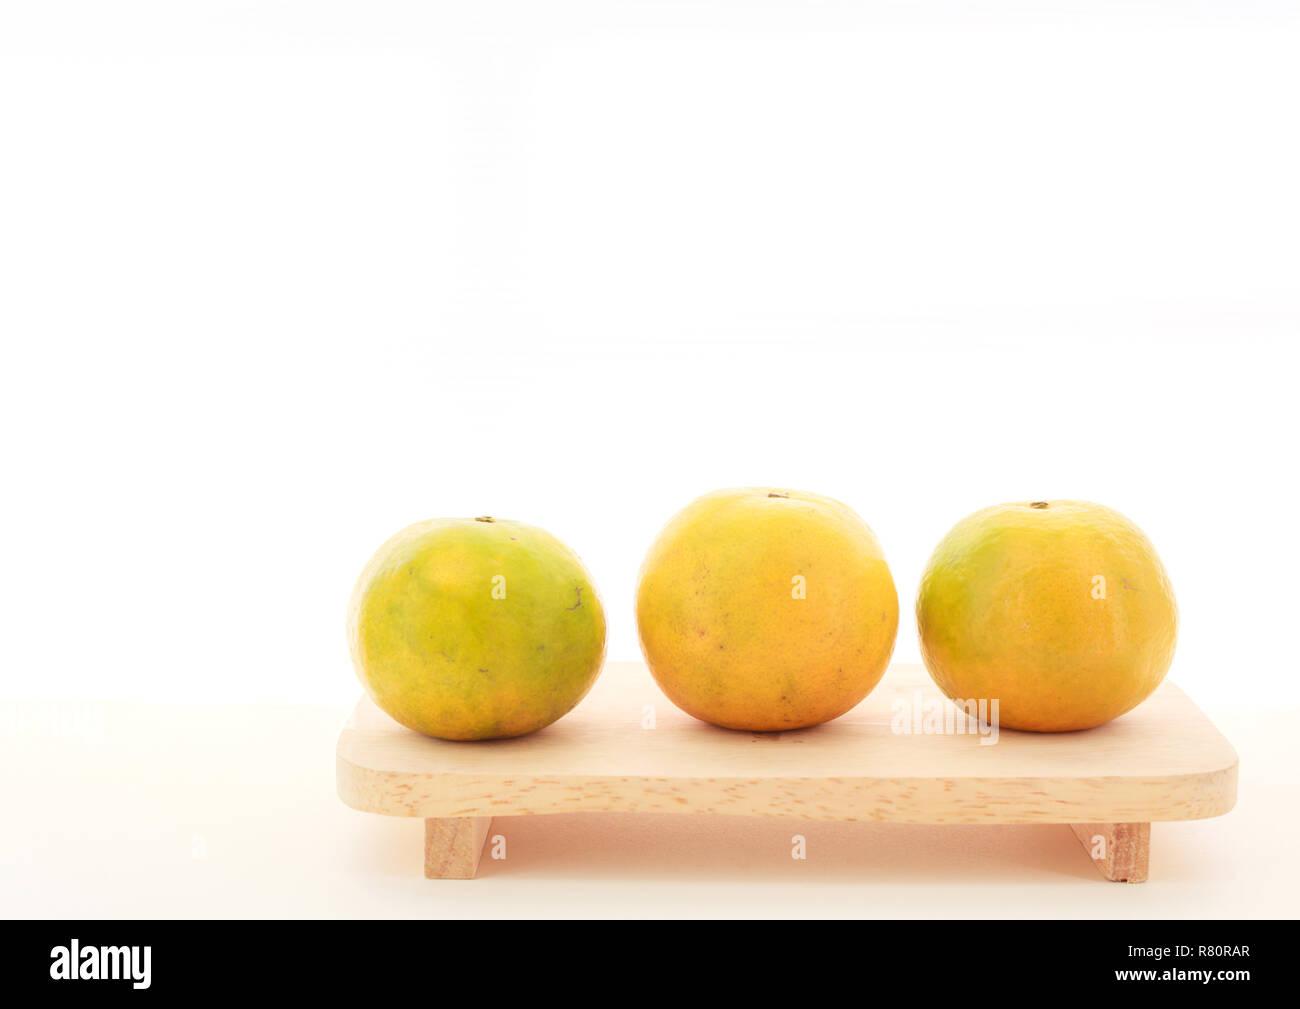 fresh ripe green and orange tangerine (citrus, mandarin) oranges, fruit on wood tray isolated on white table background. Seasonal Tropical Fruit, Natu - Stock Image